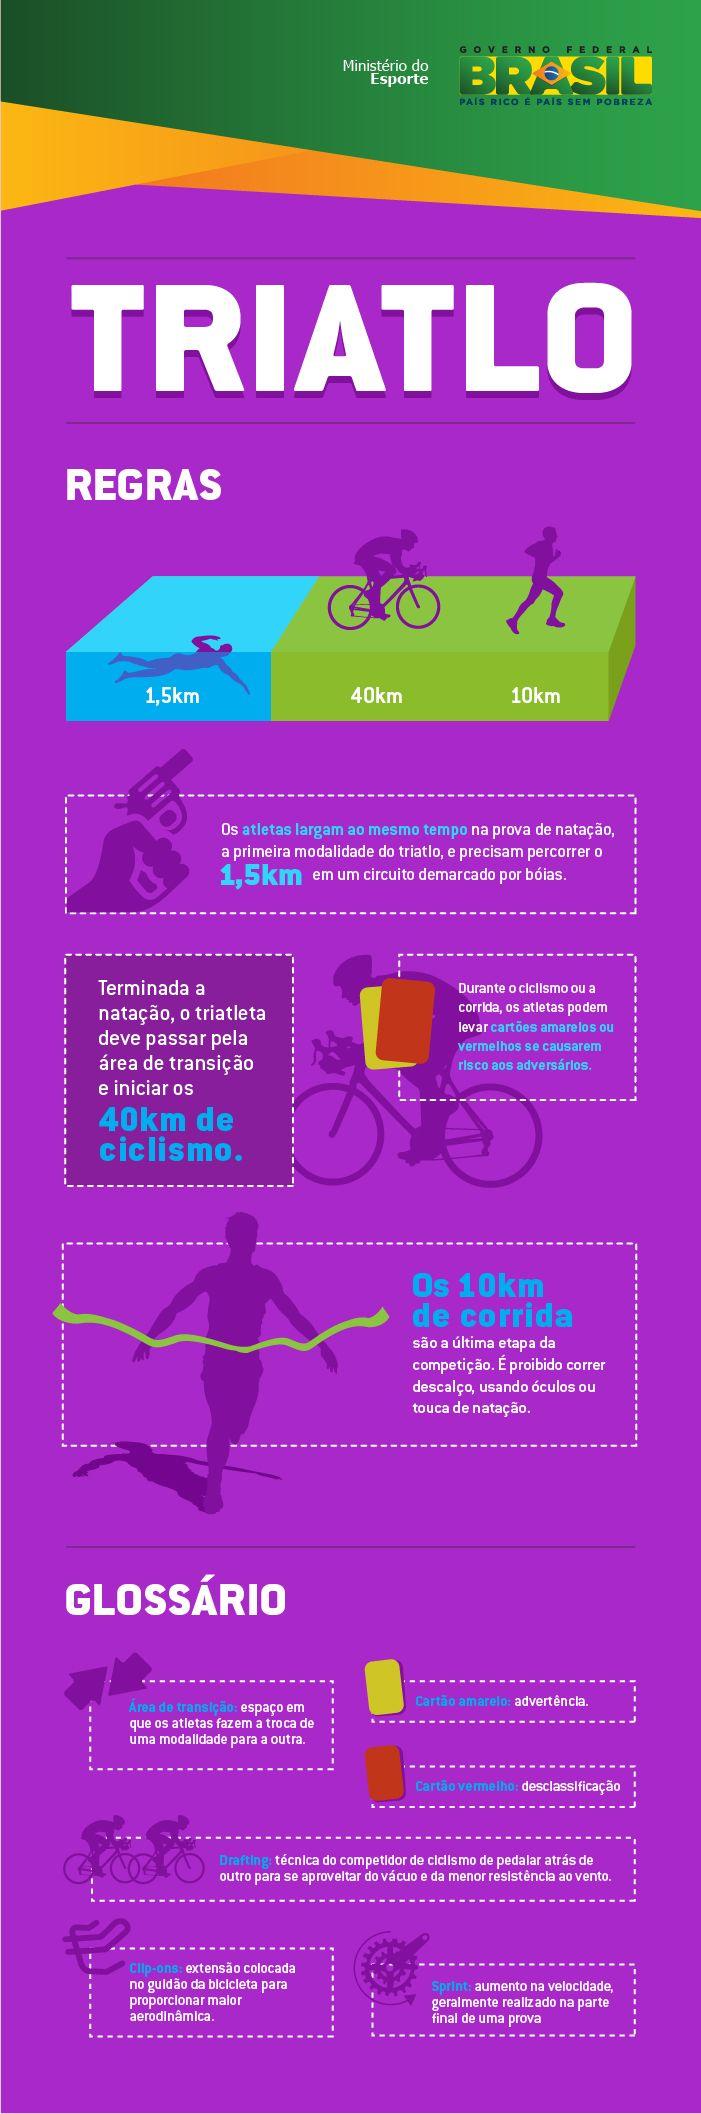 Triatlo — Portal Brasil 2016